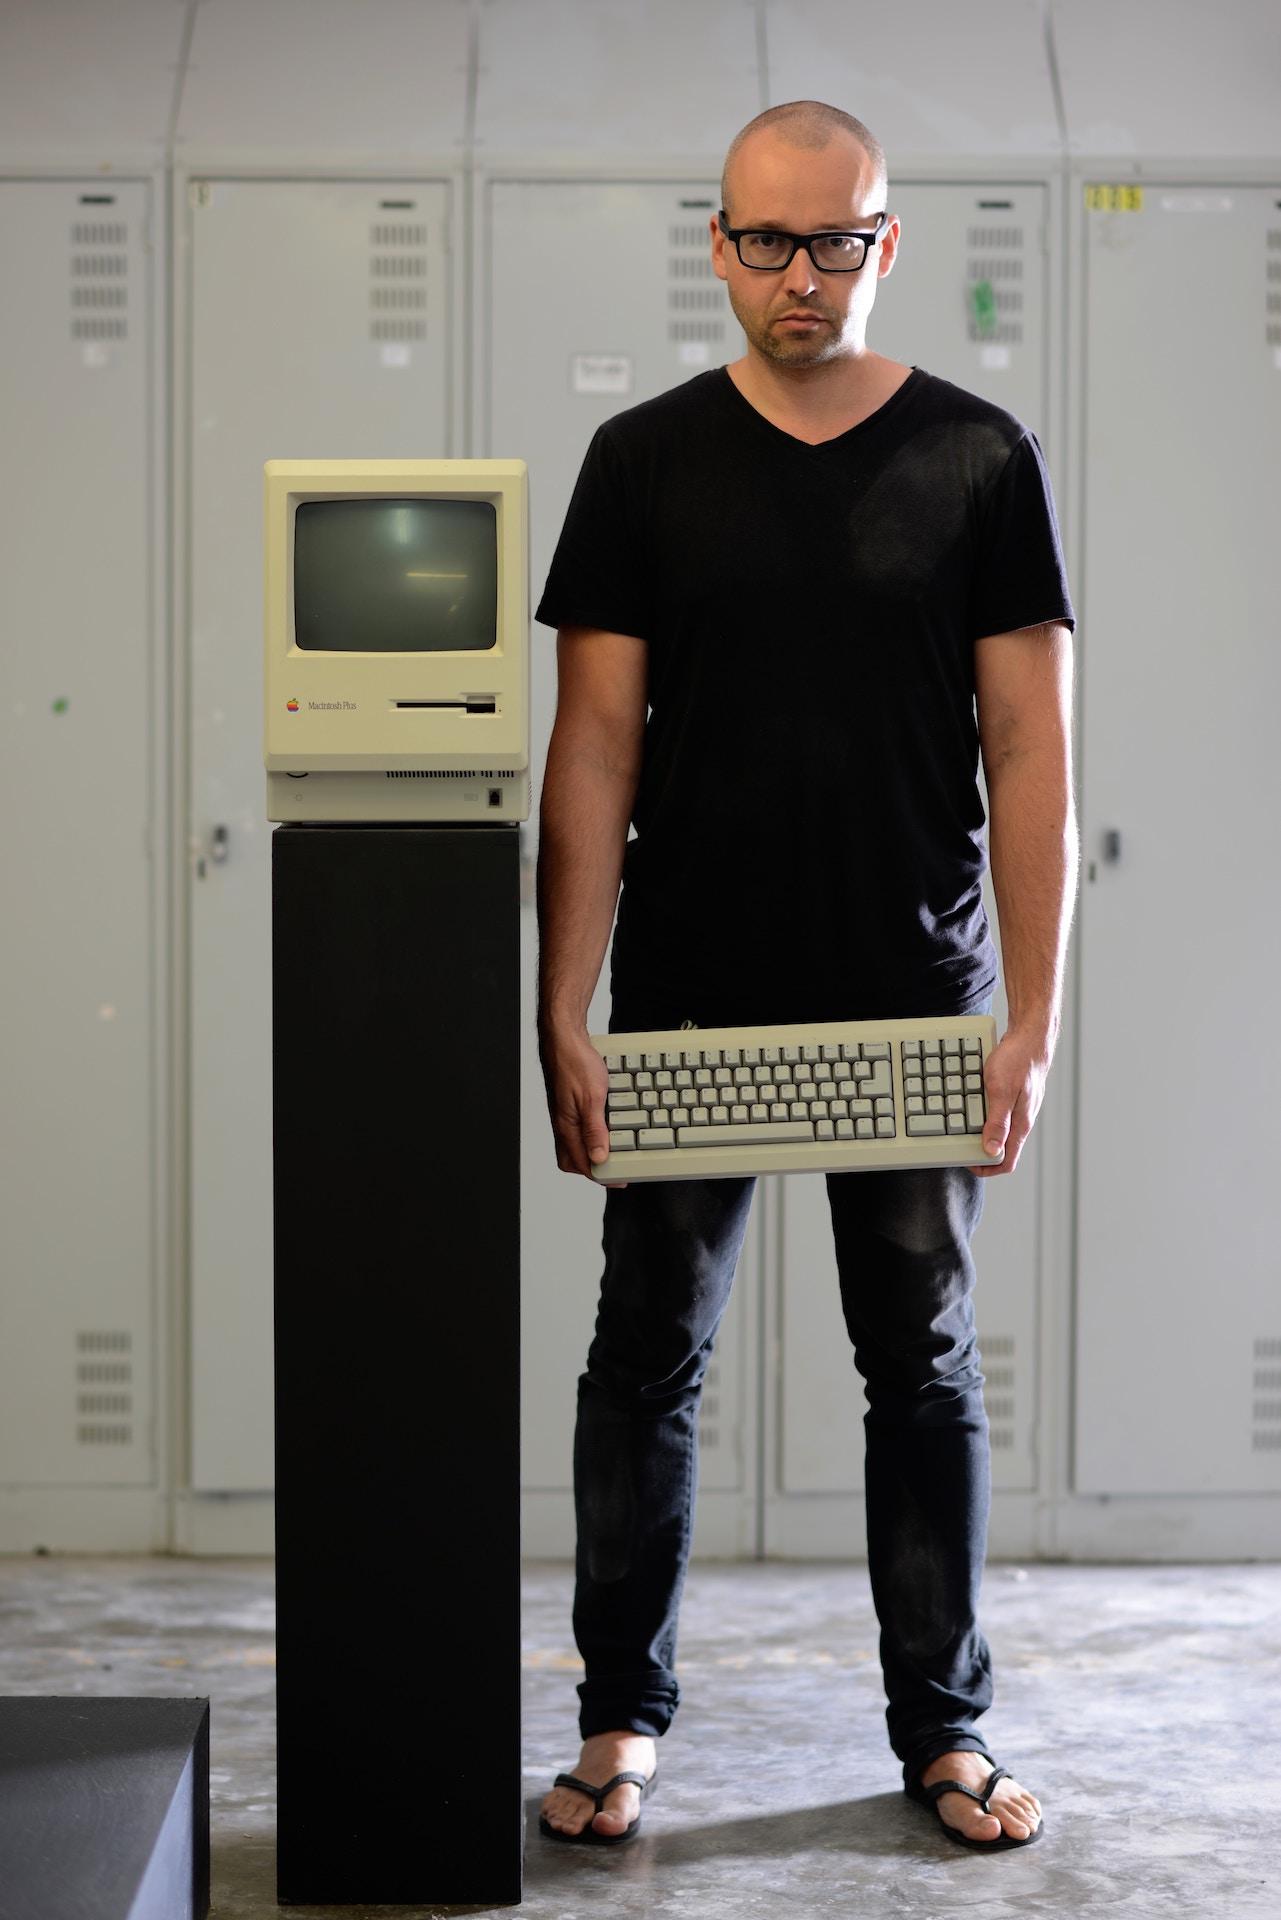 A vintage computer